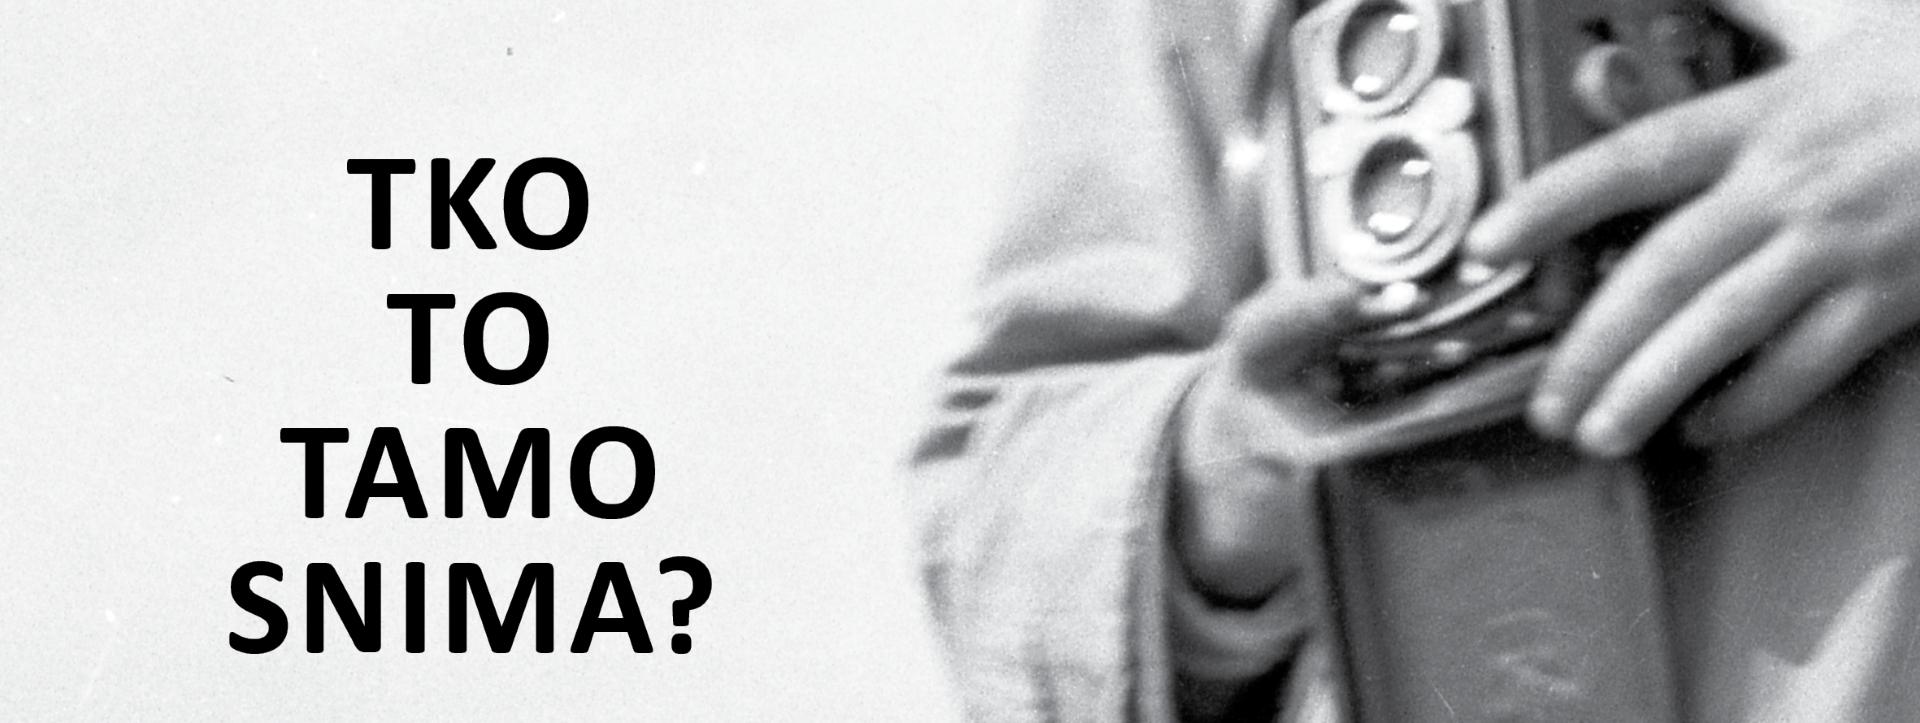 Hrvatski povijesni muzej vas poziva na izložbu 'Tko to tamo snima?'